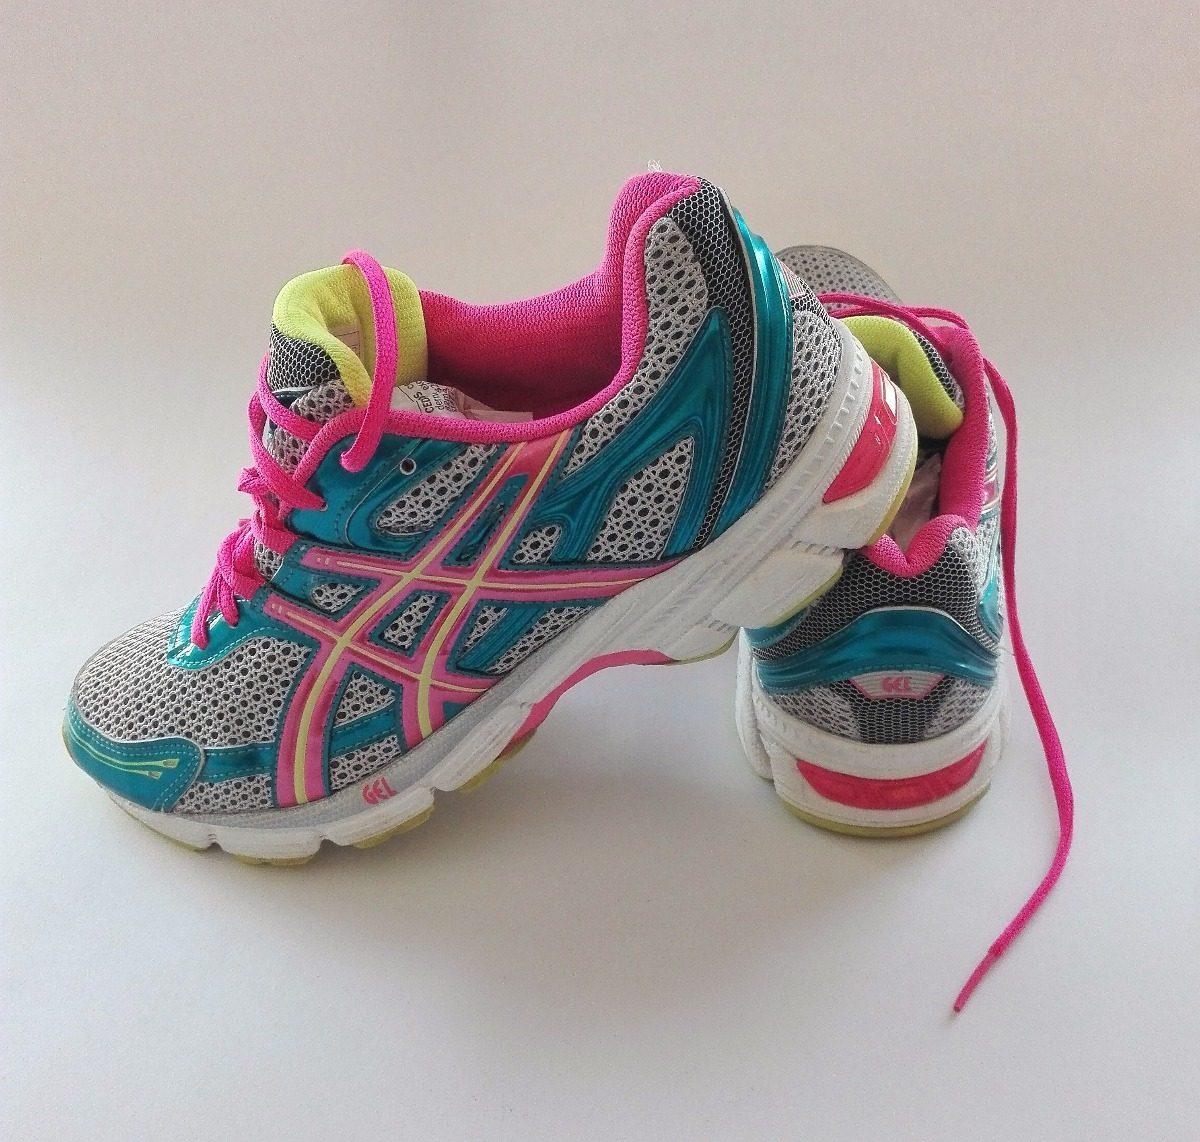 e36495bfca5 zapatillas asics mujer mercadolibre